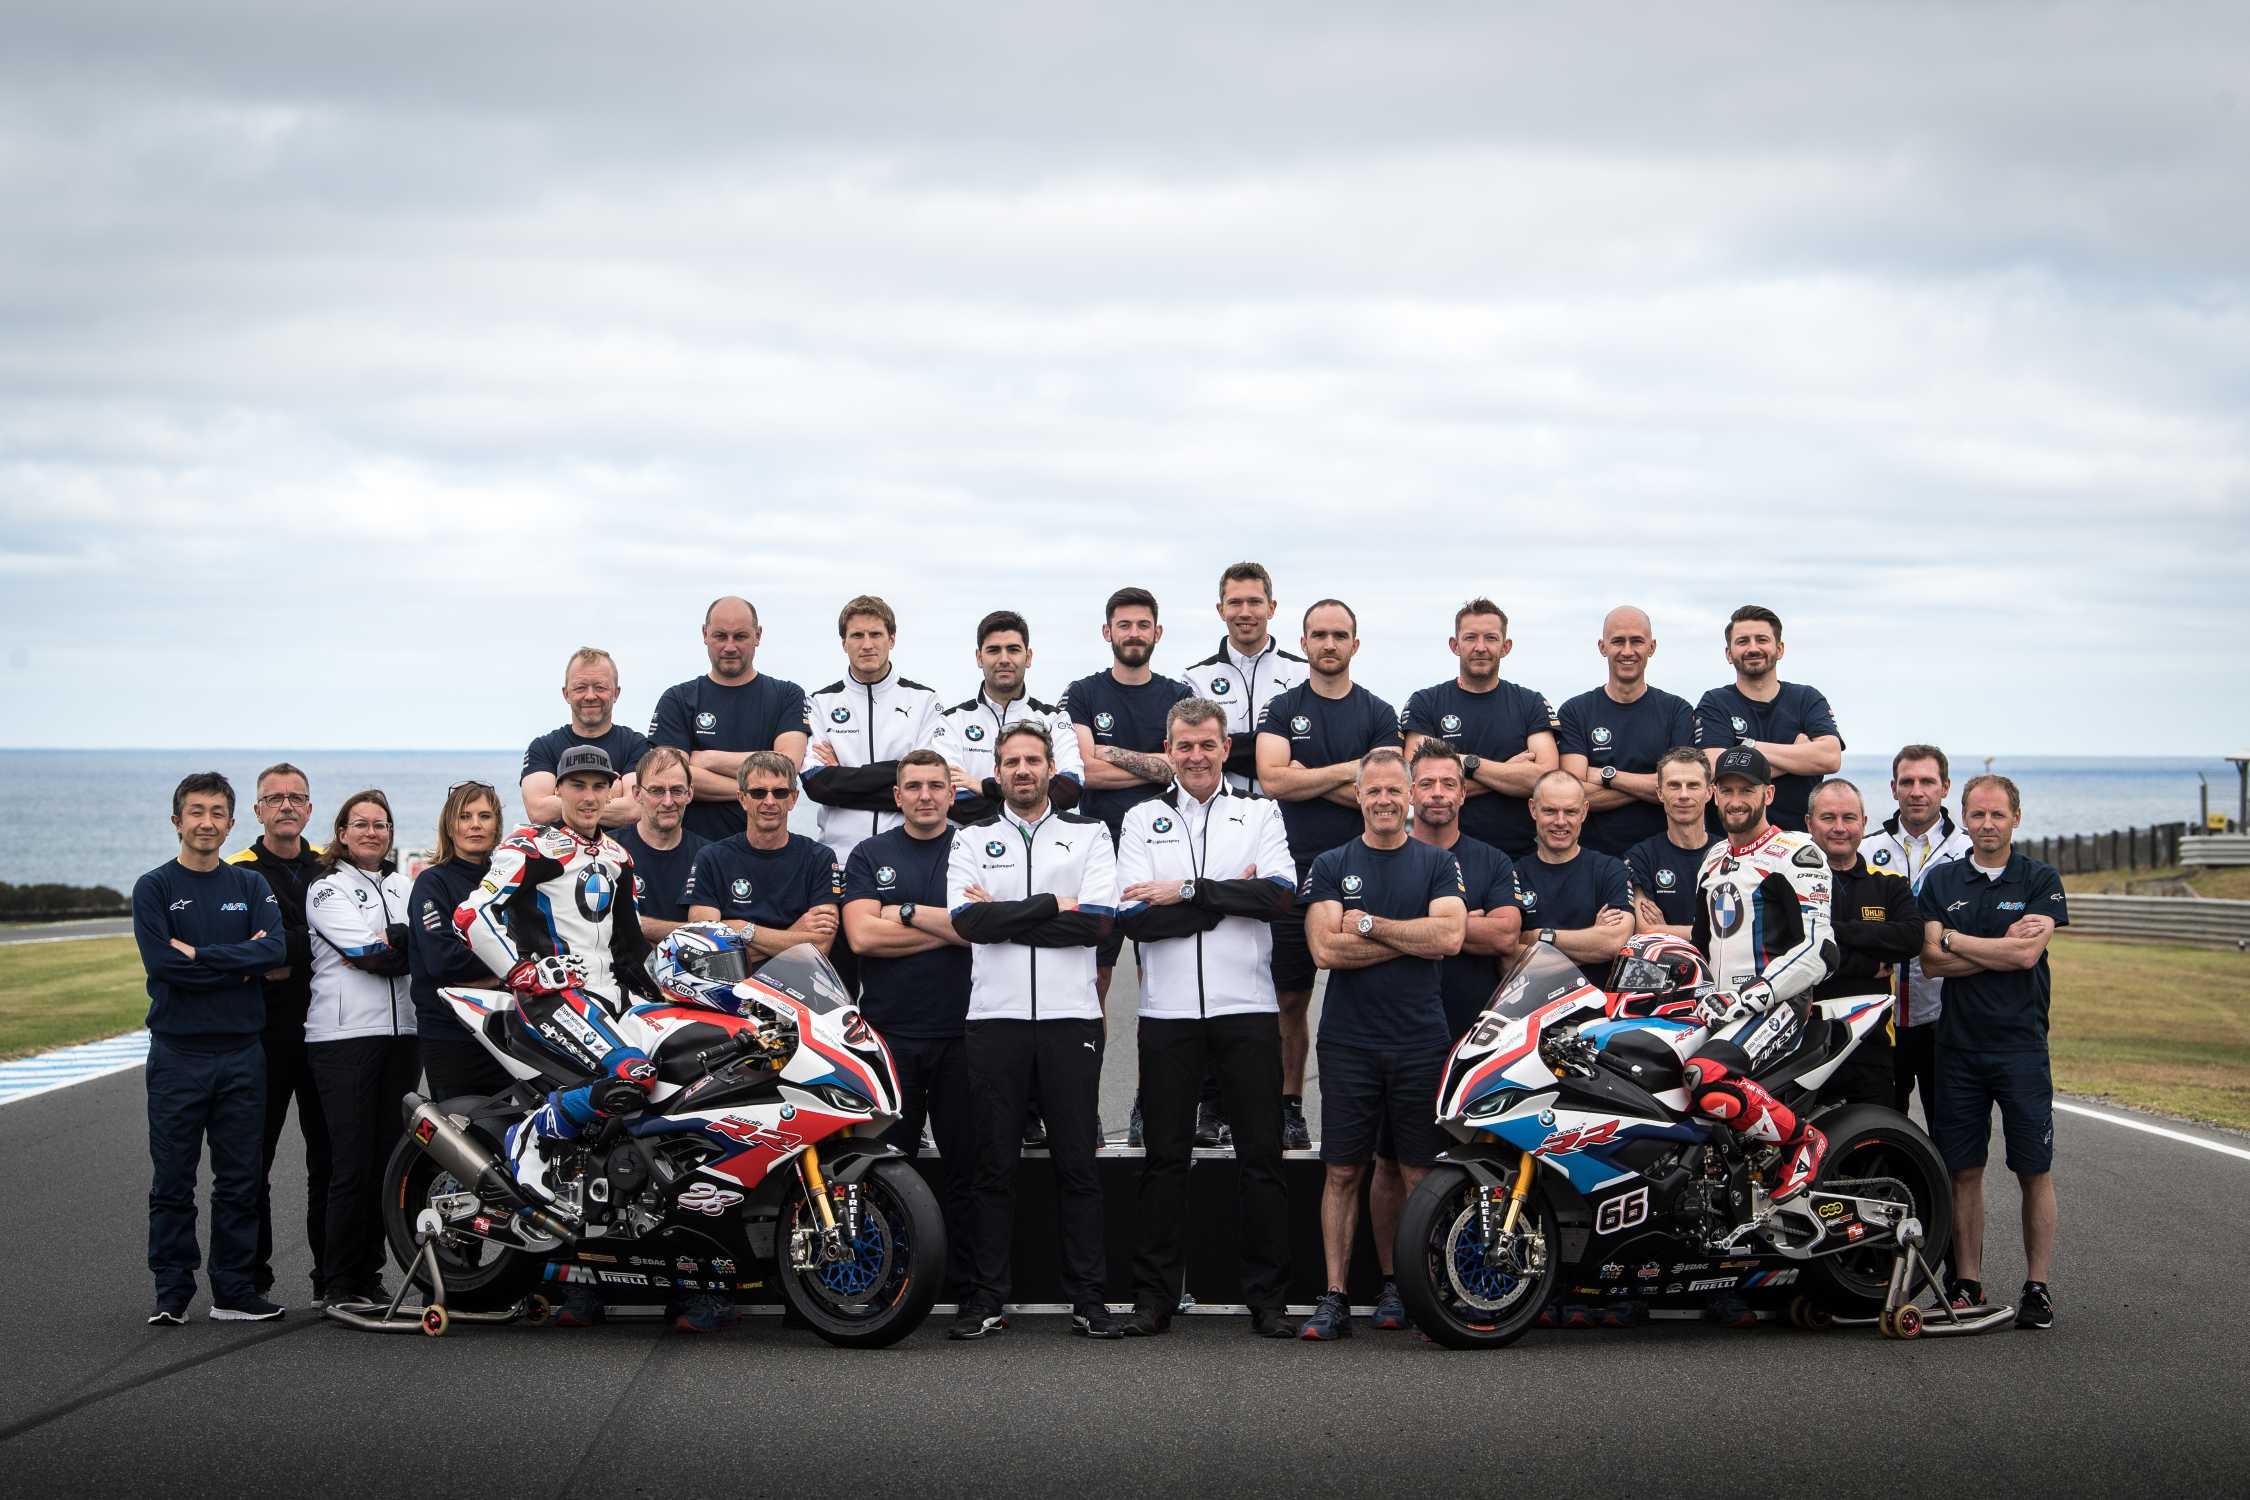 2019 Bmw Motorrad Motorsport Media Guide